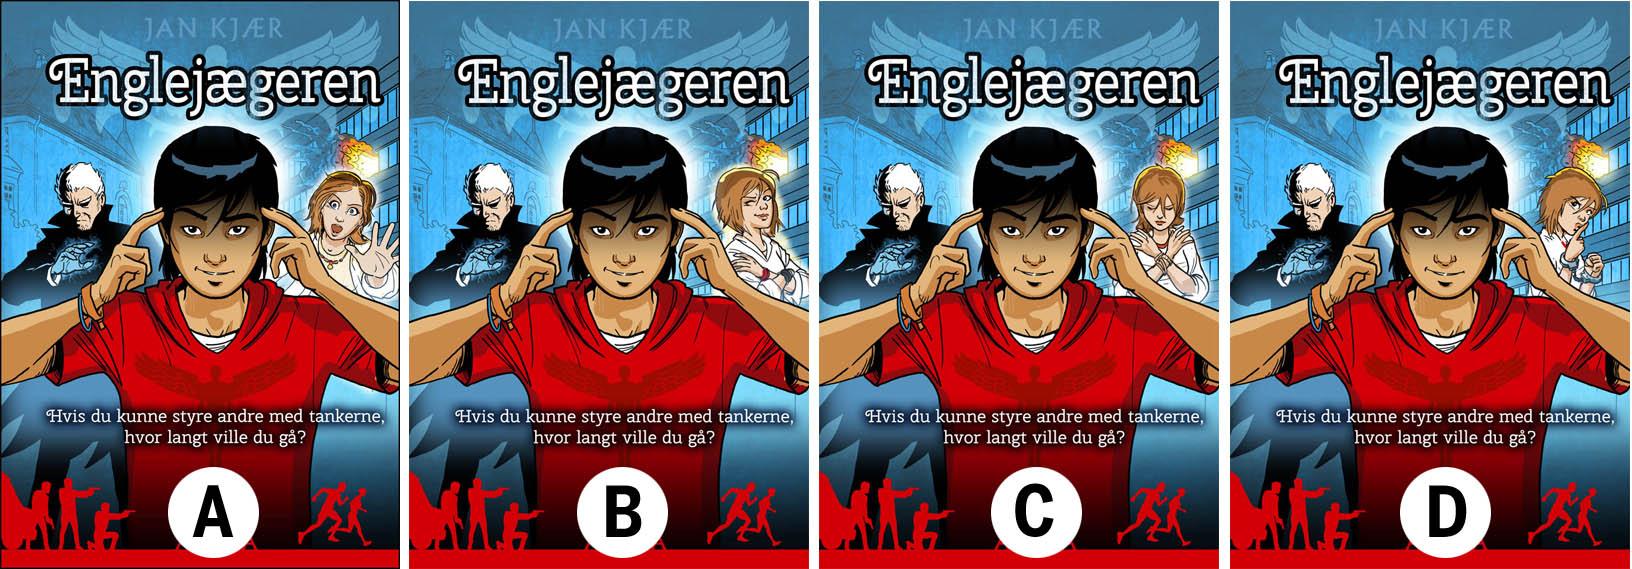 Englejægeren_forsidetest